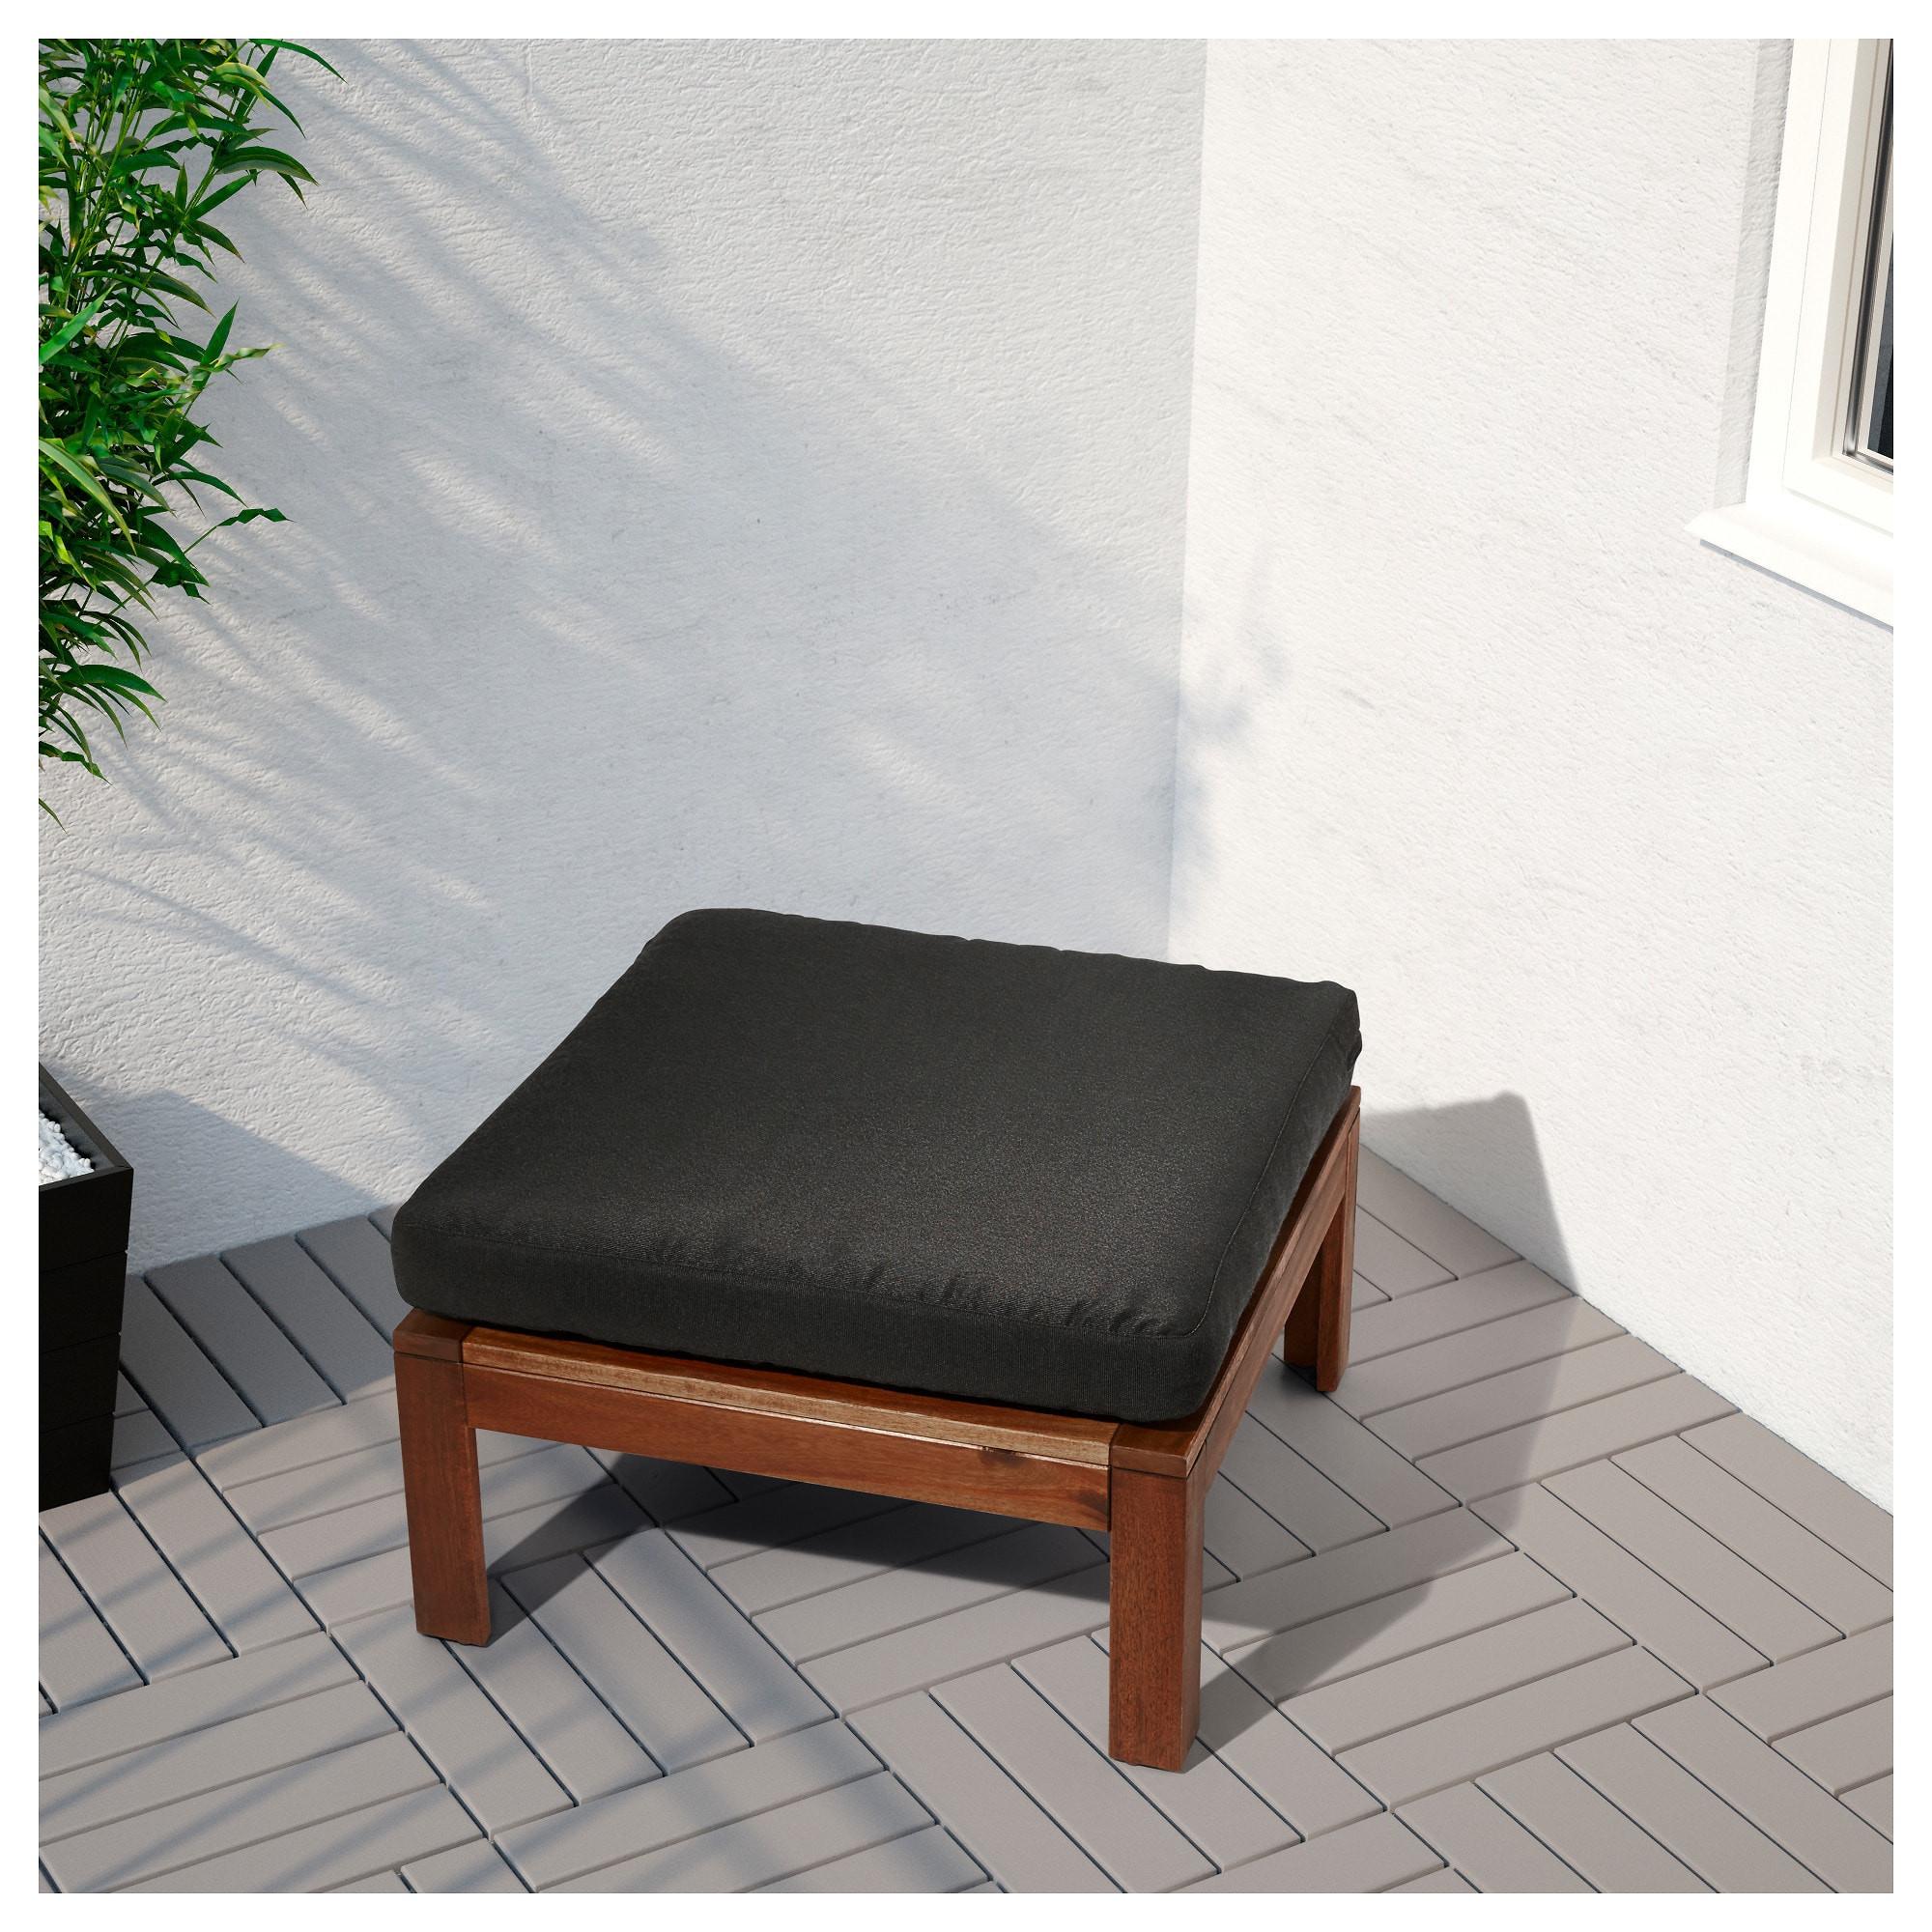 Rocking Chair Exterieur Ikea Beau Photos Coussins D Extérieur Jardin De Confortable Coussin D Extérieur Ikea